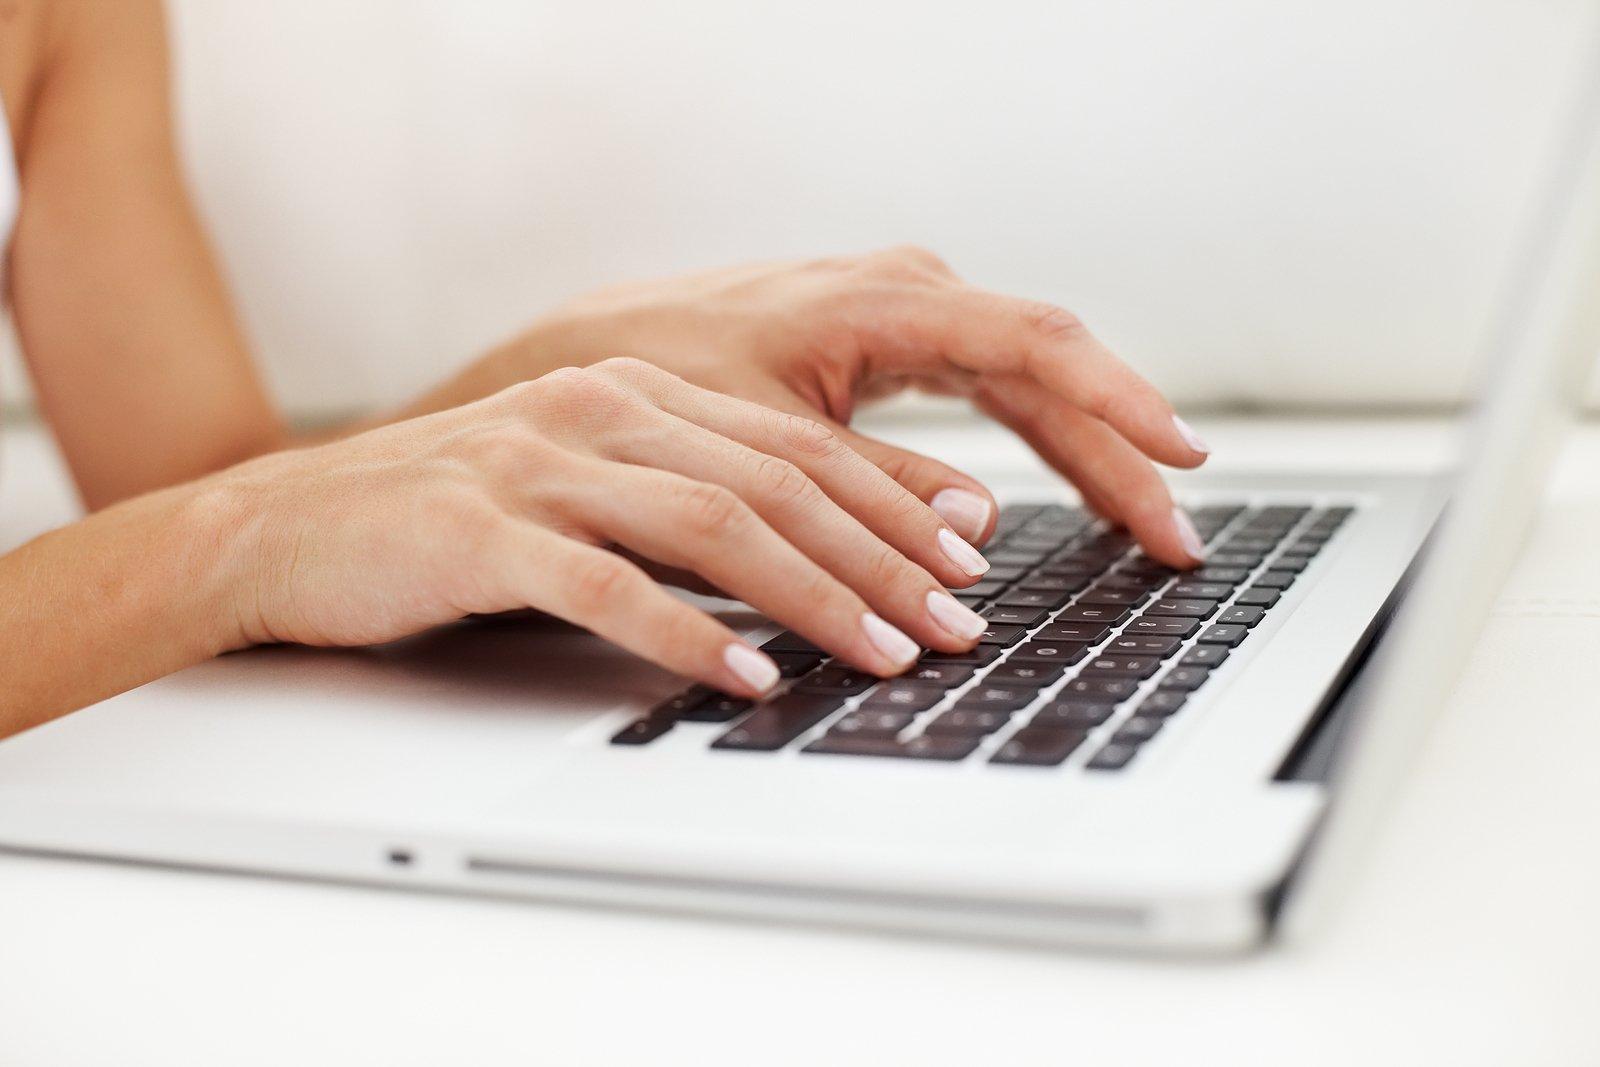 ВУлан-Уде женщина засудила мужа, оскорблявшего ее в социальных сетях